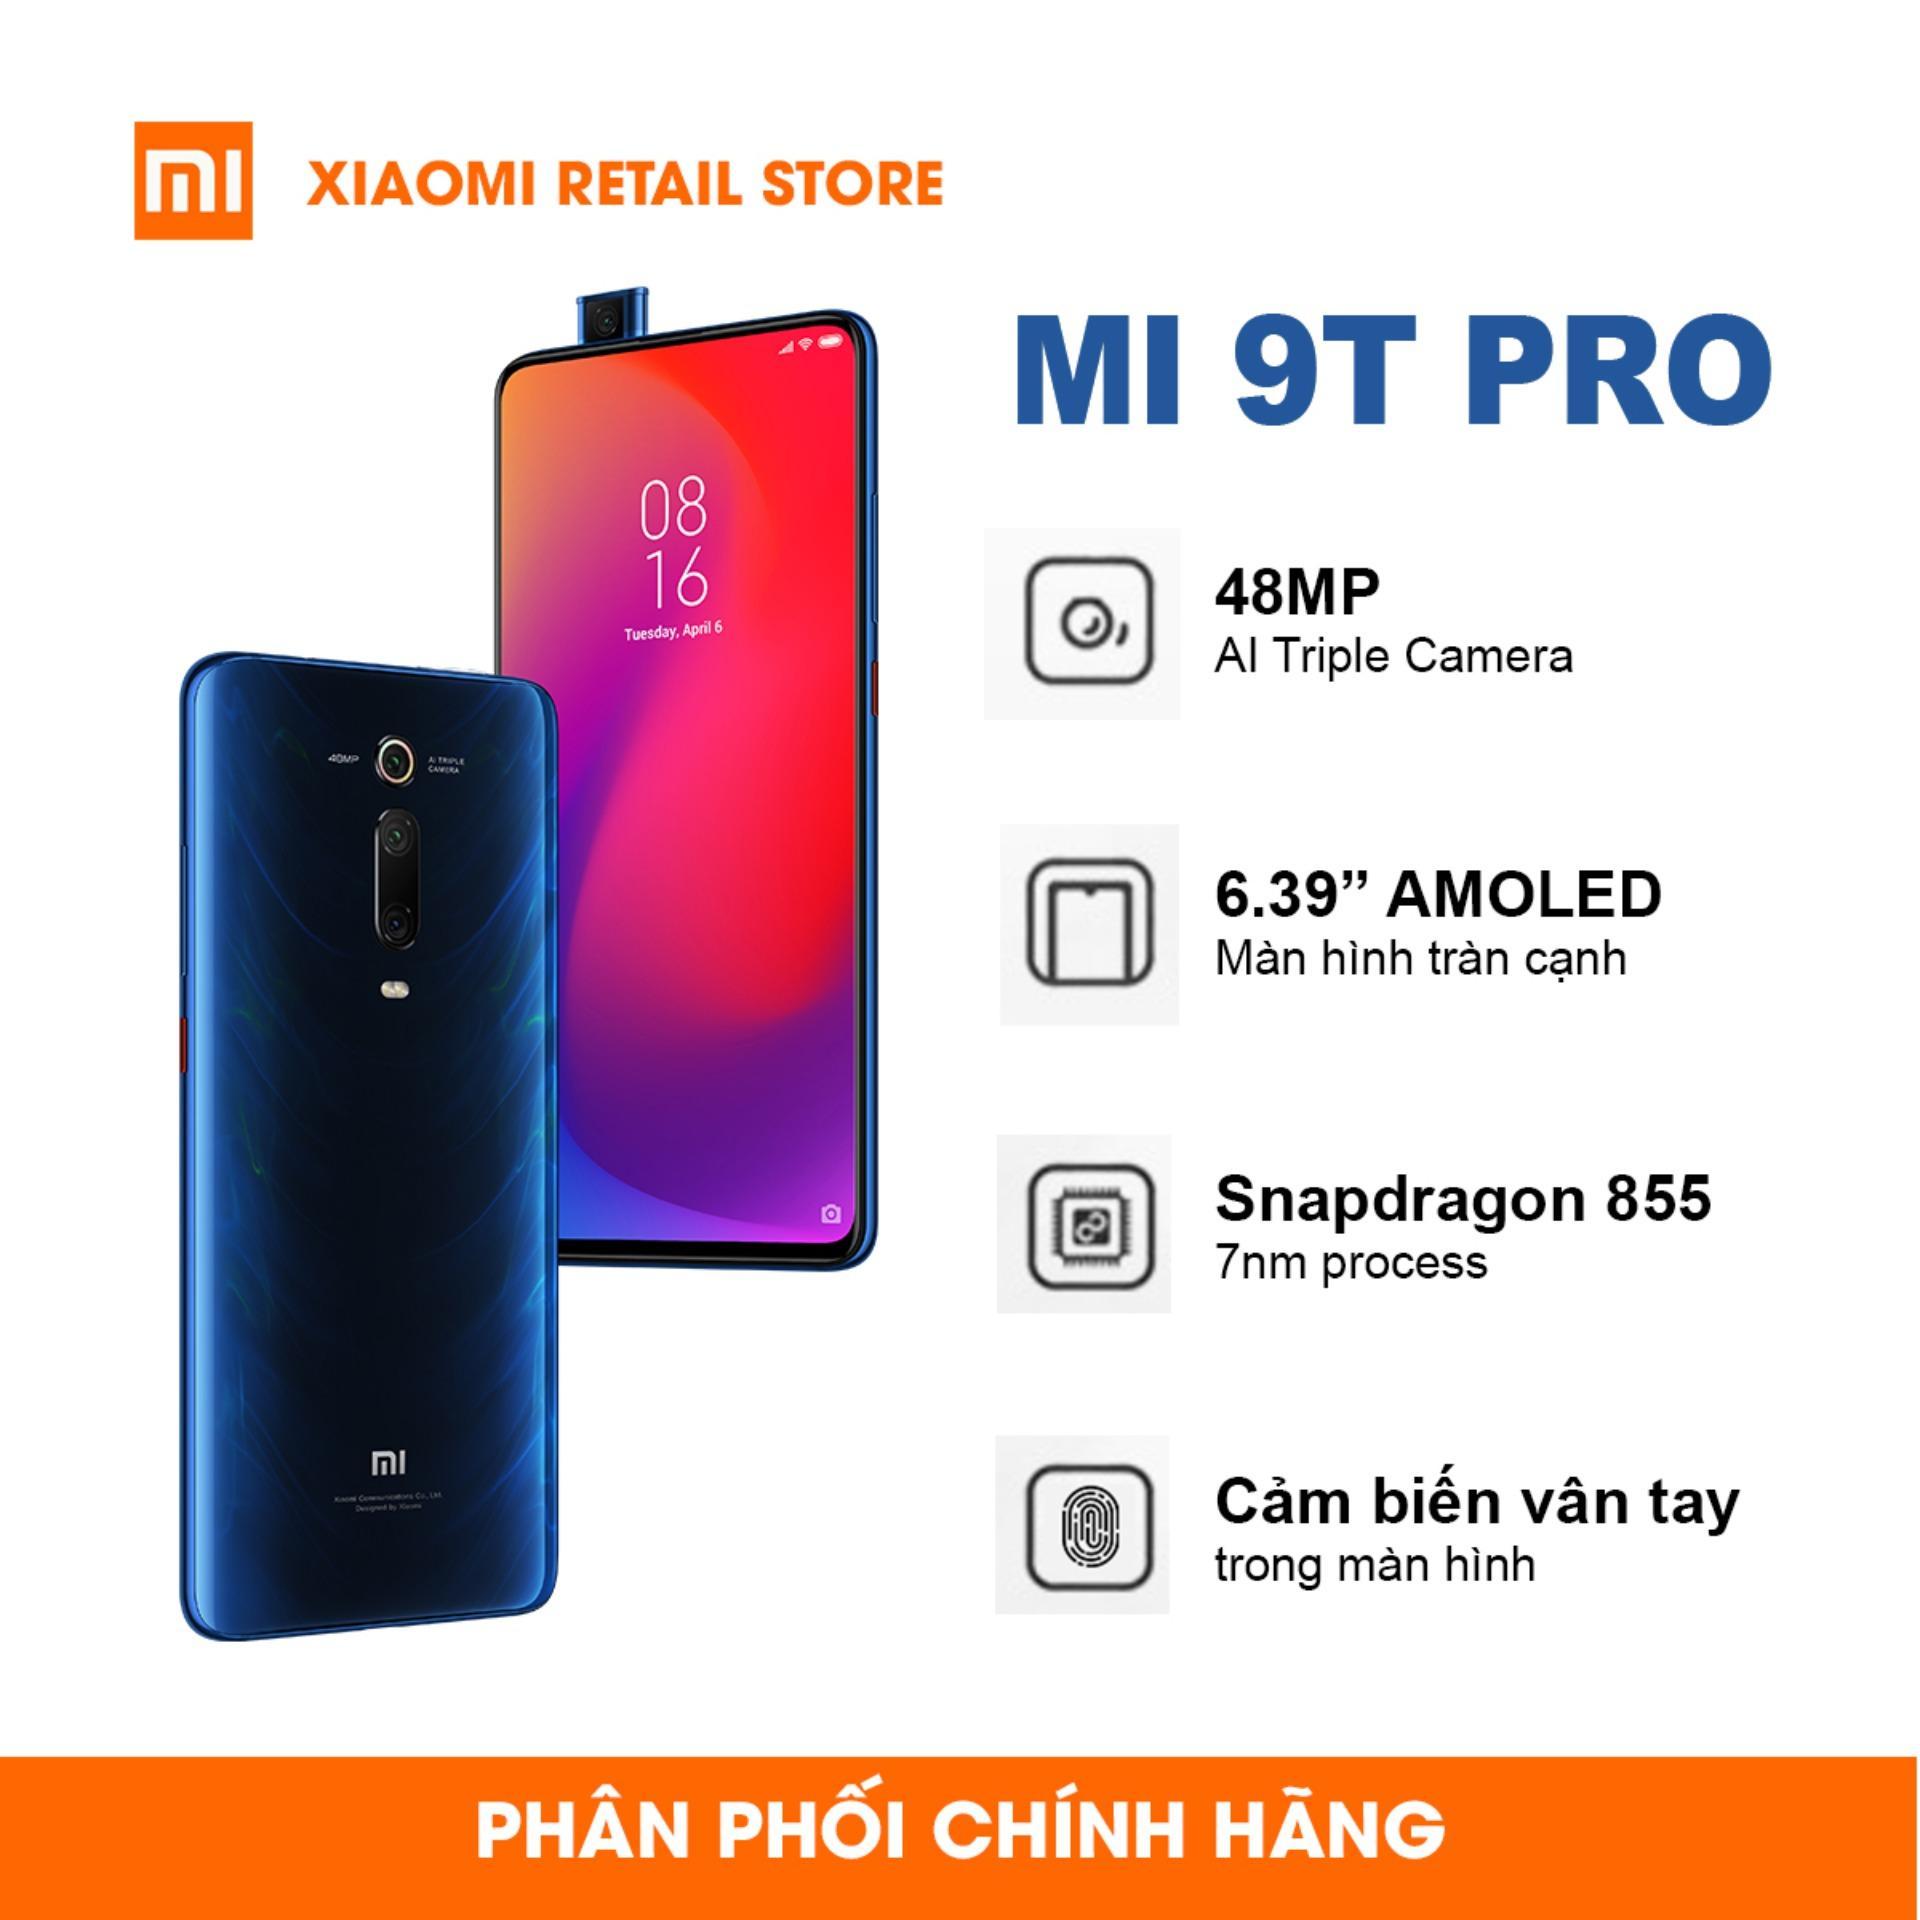 Điện Thoại Xiaomi Mi 9T Pro (6GB/128GB) - Chip xử lý Snapdragon 855, Camera selfie Pop-up, Bộ 3 camera 48MP AI - Hàng chính hãng